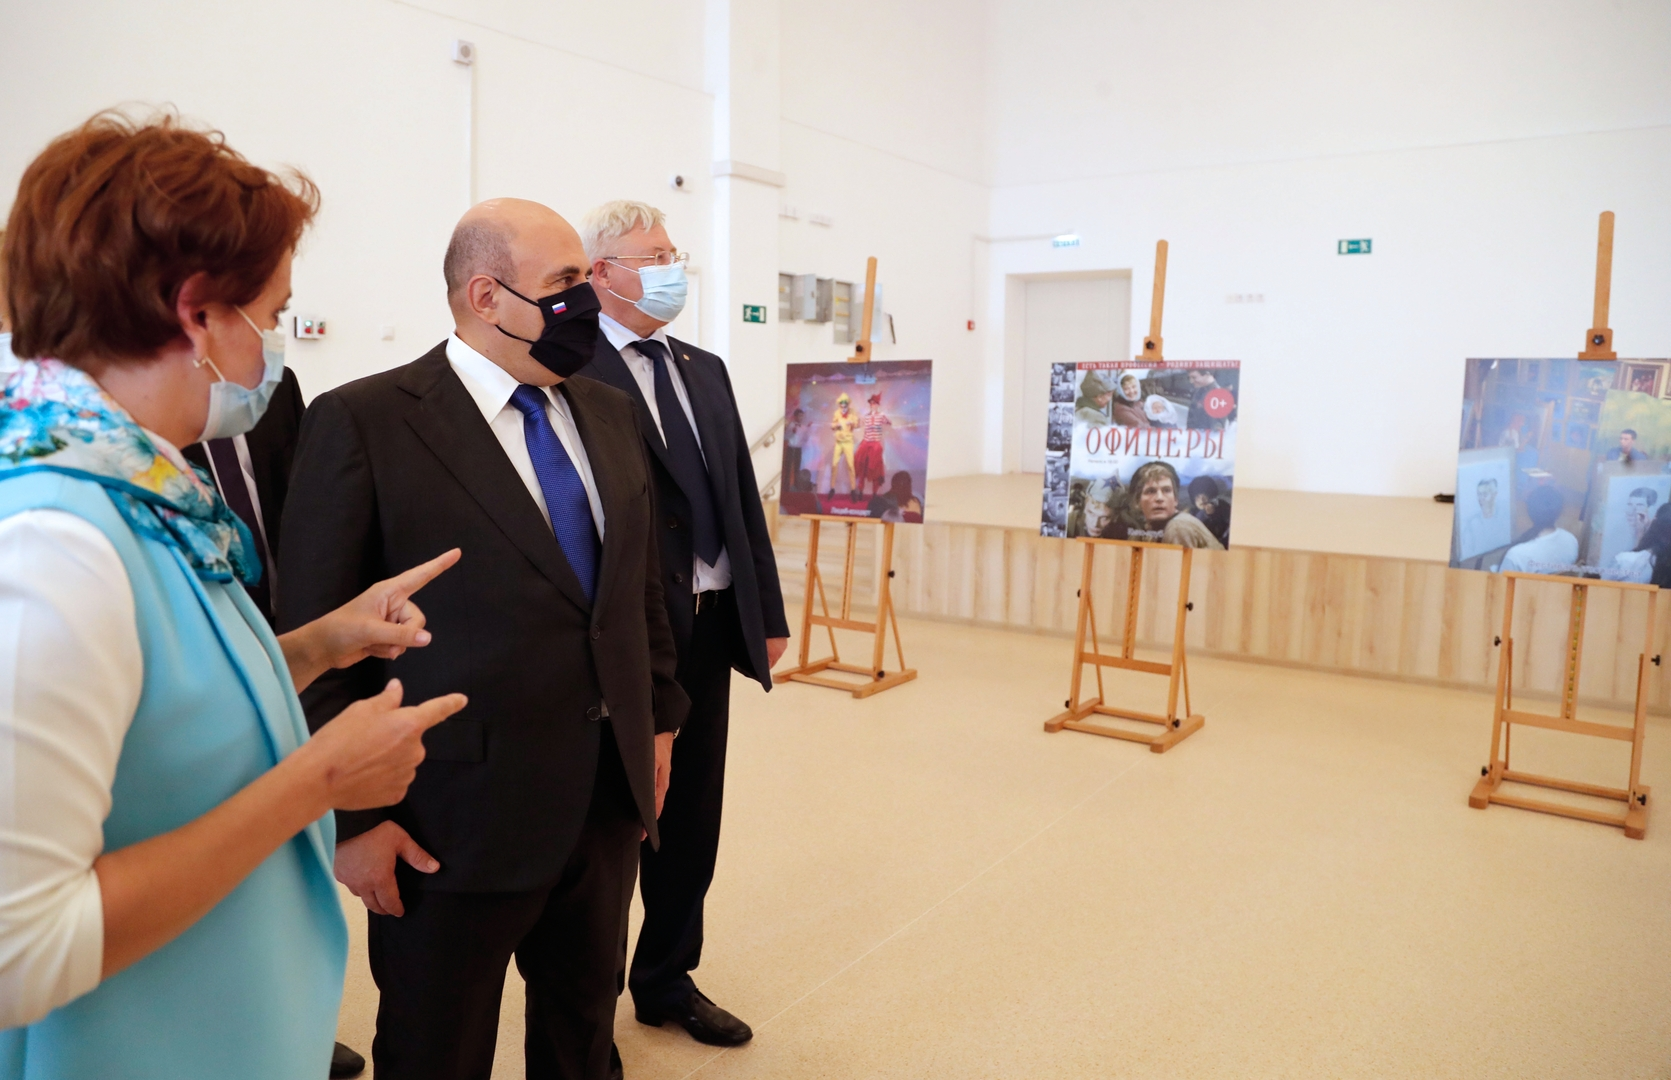 رئيس الوزراء الروسي يعلن عن خطة الحكومة لإحياء المدرسة الهندسية الروسية